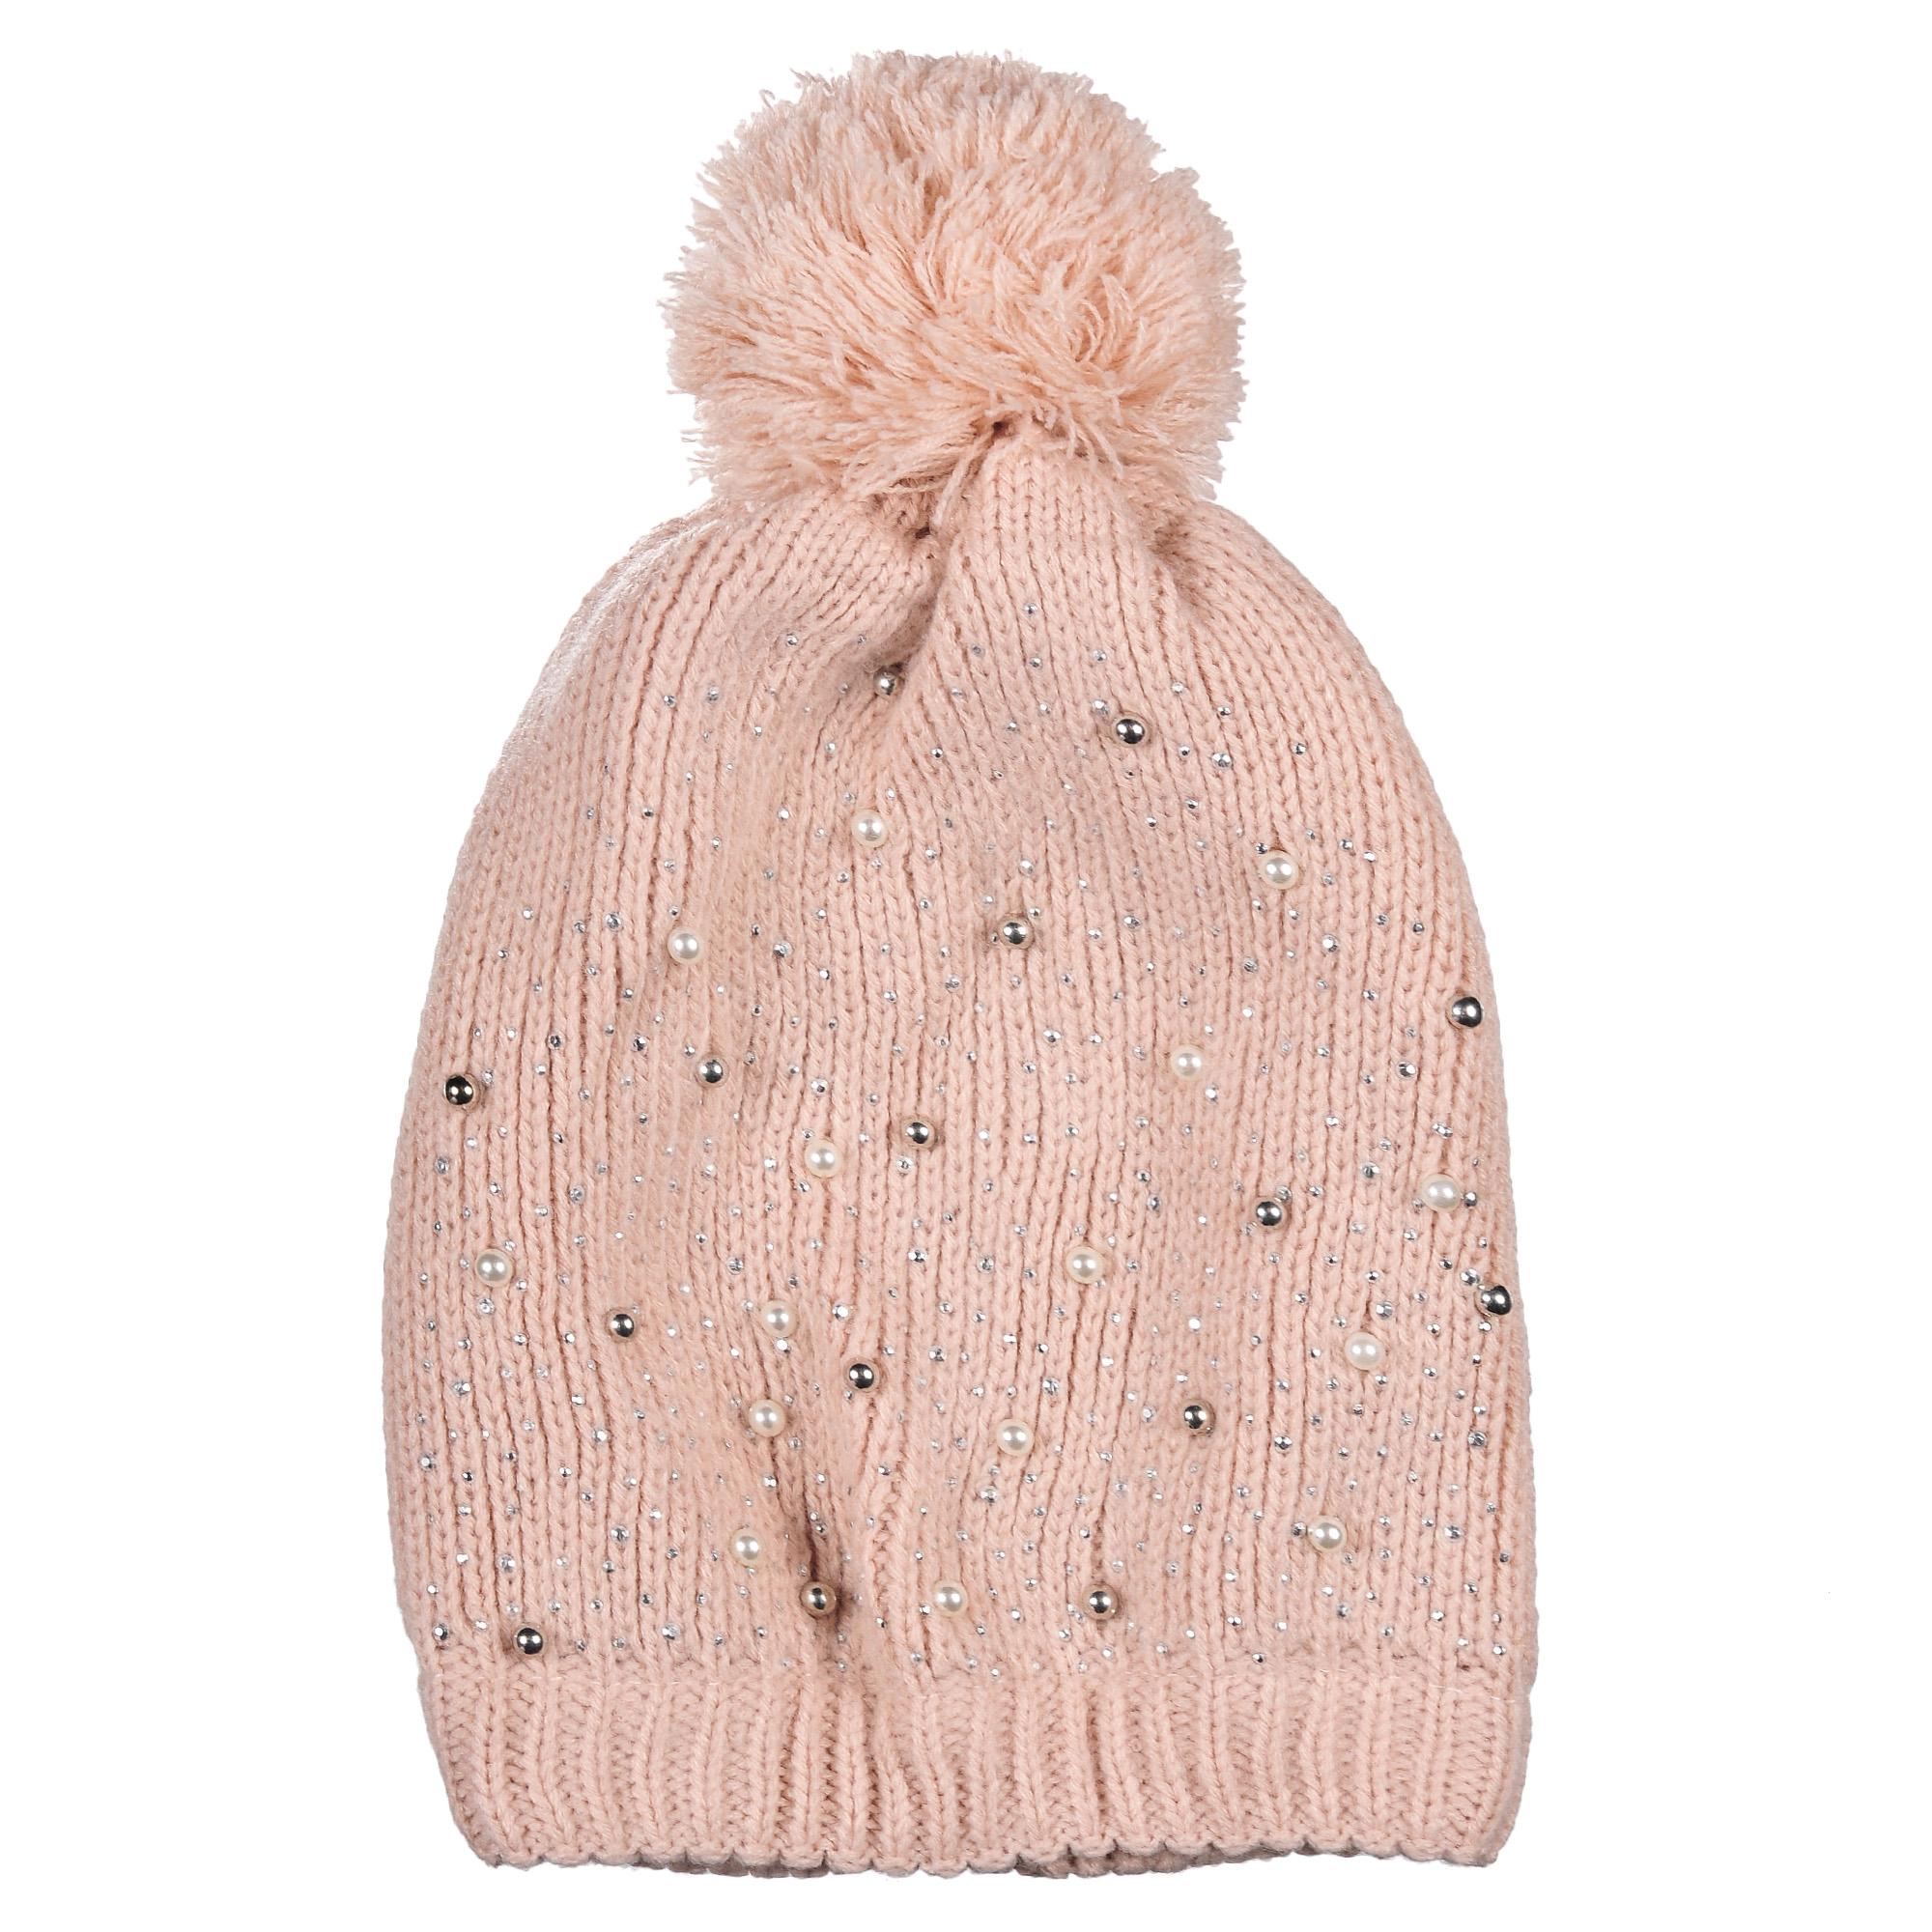 Шапка4-0045-001Стильная однослойная теплая шапка с помпоном из акрила, на резинке. Декорирована бусинами и стразами. Отличный аксессуар защитит в непогоду и подарит ощущение теплоты.